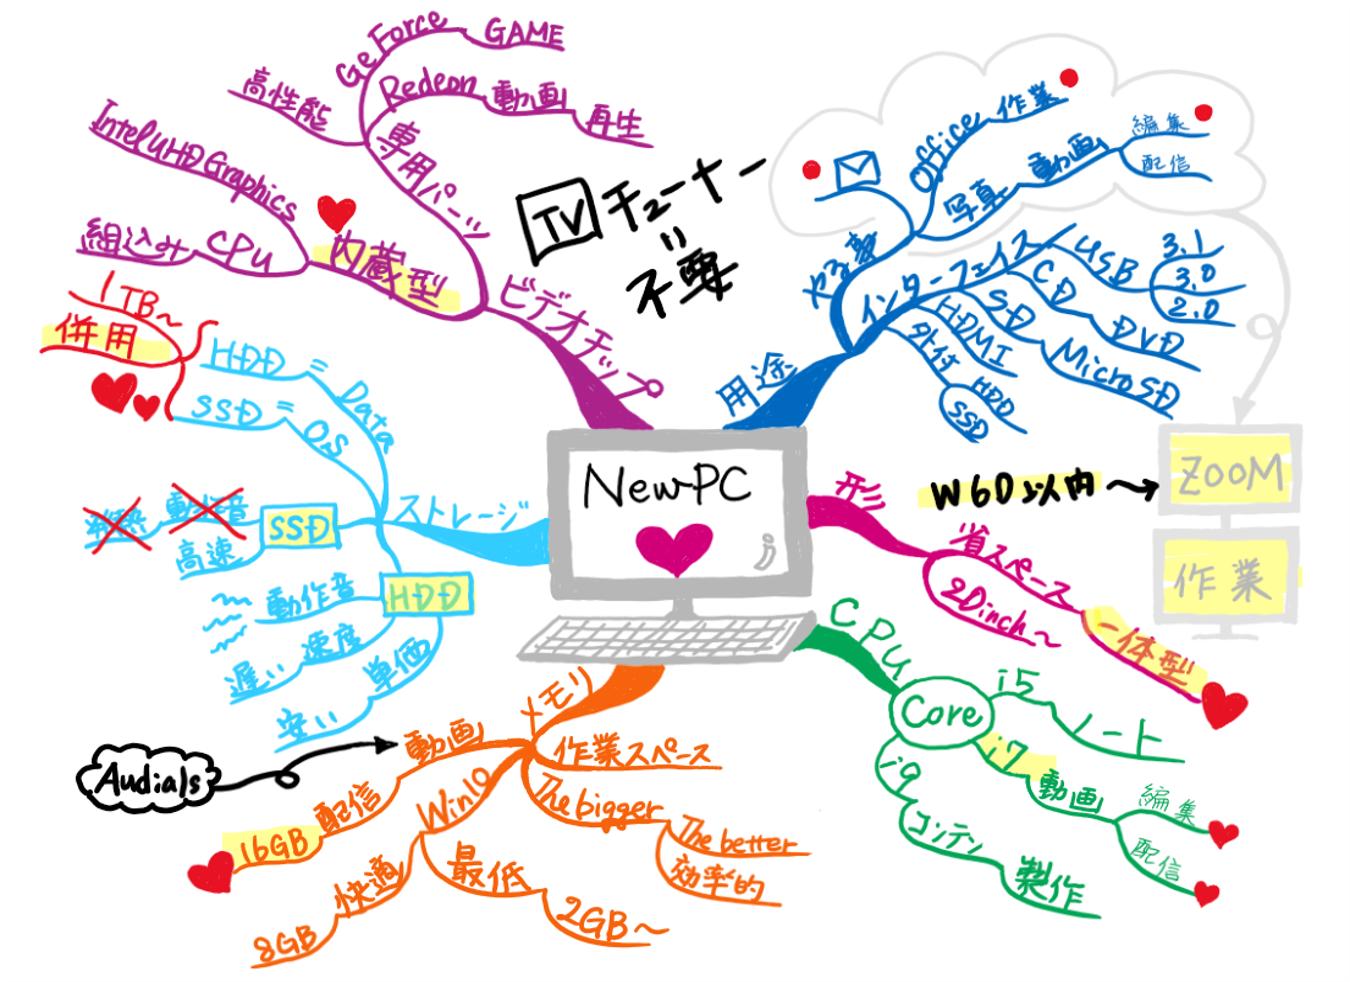 情報整理、意思決定のマインドマップ